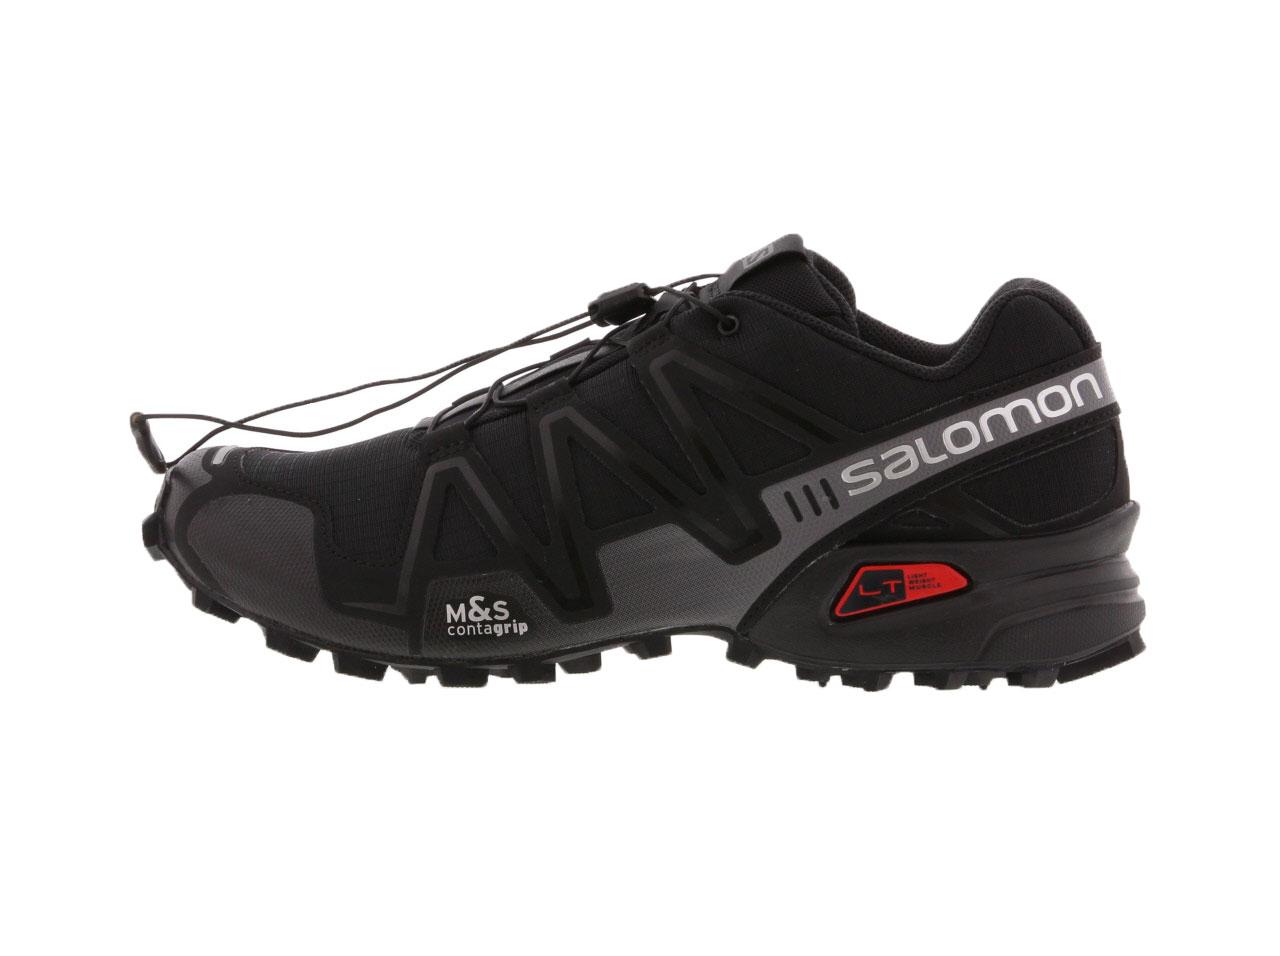 SALOMON ADVANCED SPEEDCROSS 3 ADV(L41085500)【サロモン】【メンズファッション】【シューズ】【スニーカー】【靴】【フットウェア】